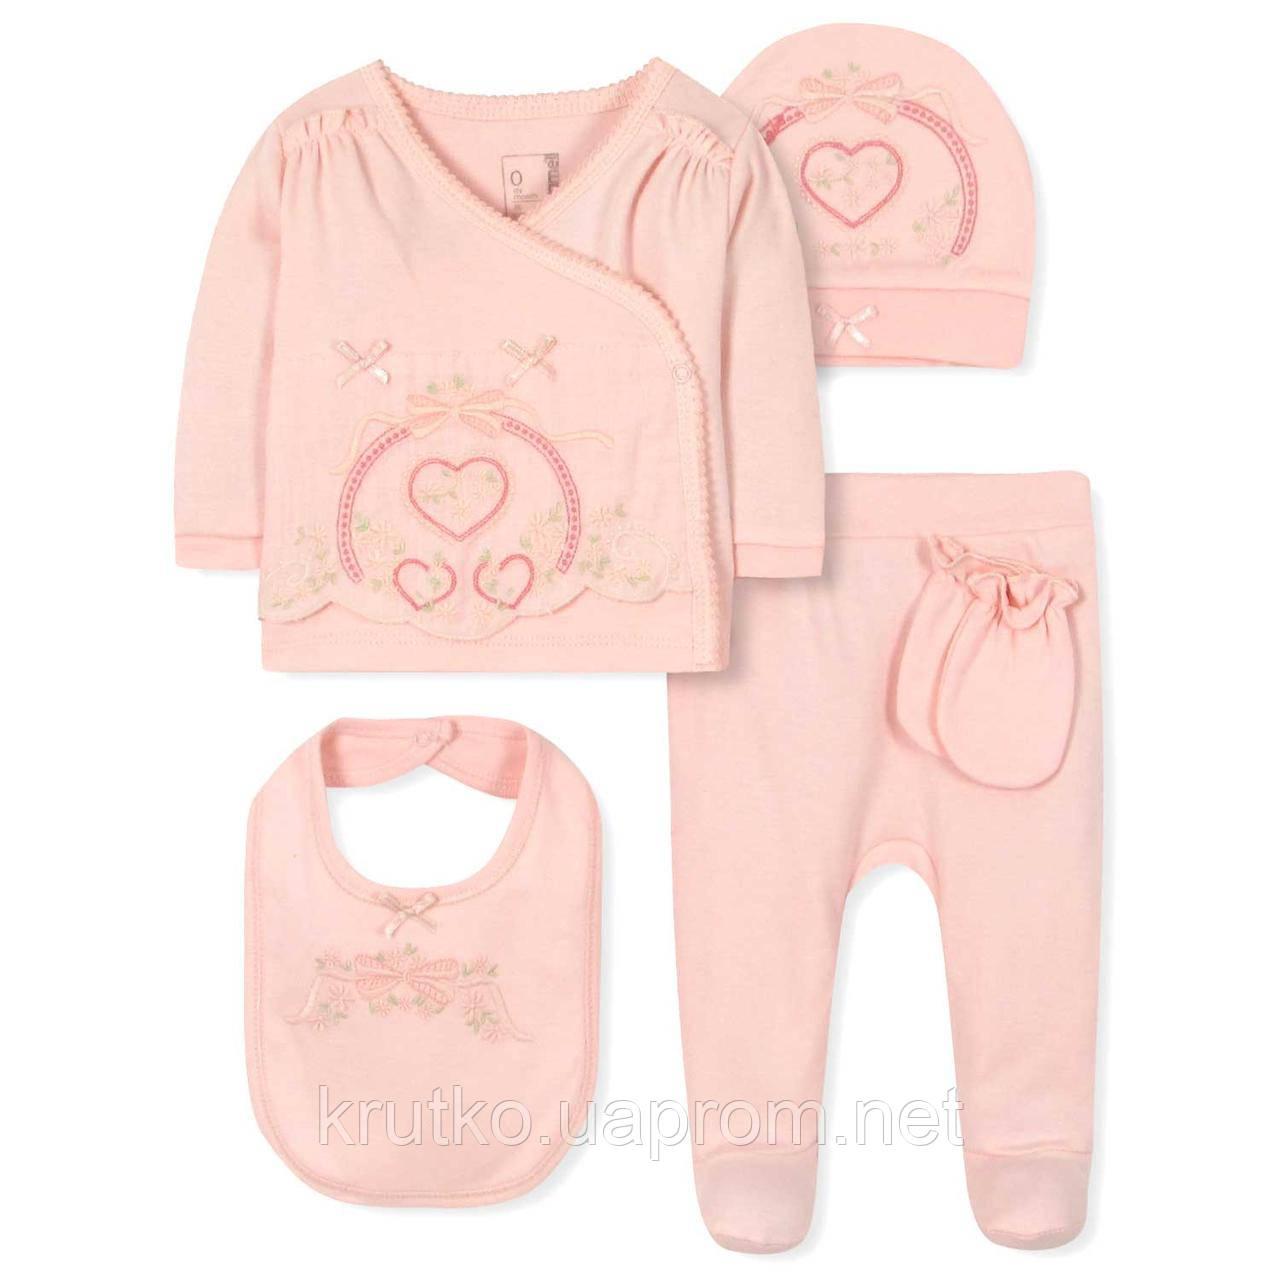 Комплект 10 в 1 для новорожденной девочки Caramell